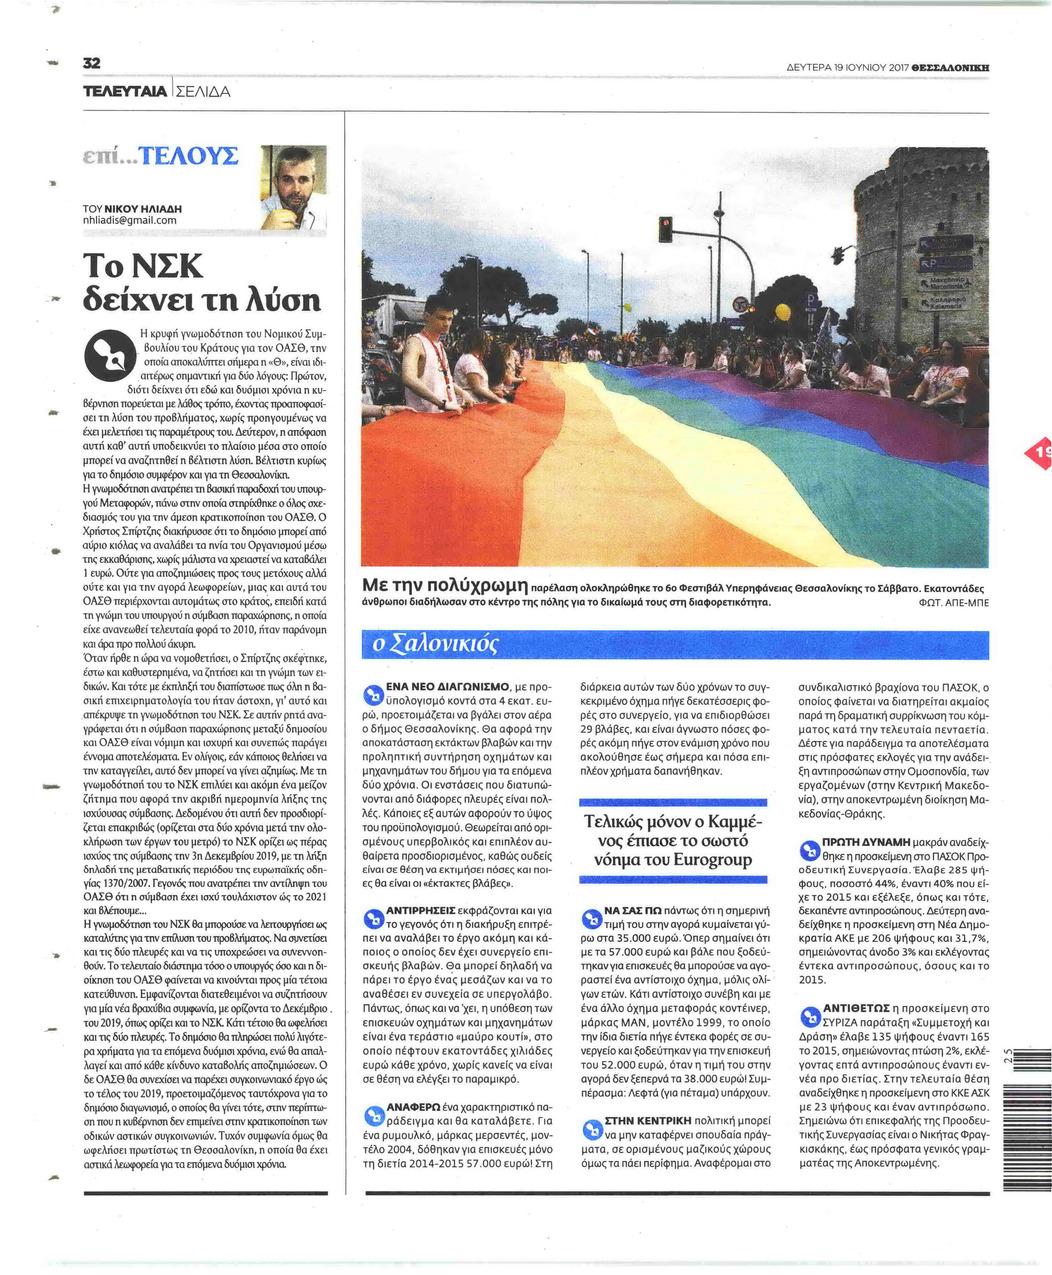 Οπισθόφυλλο εφημερίδας θεσσαλονίκη